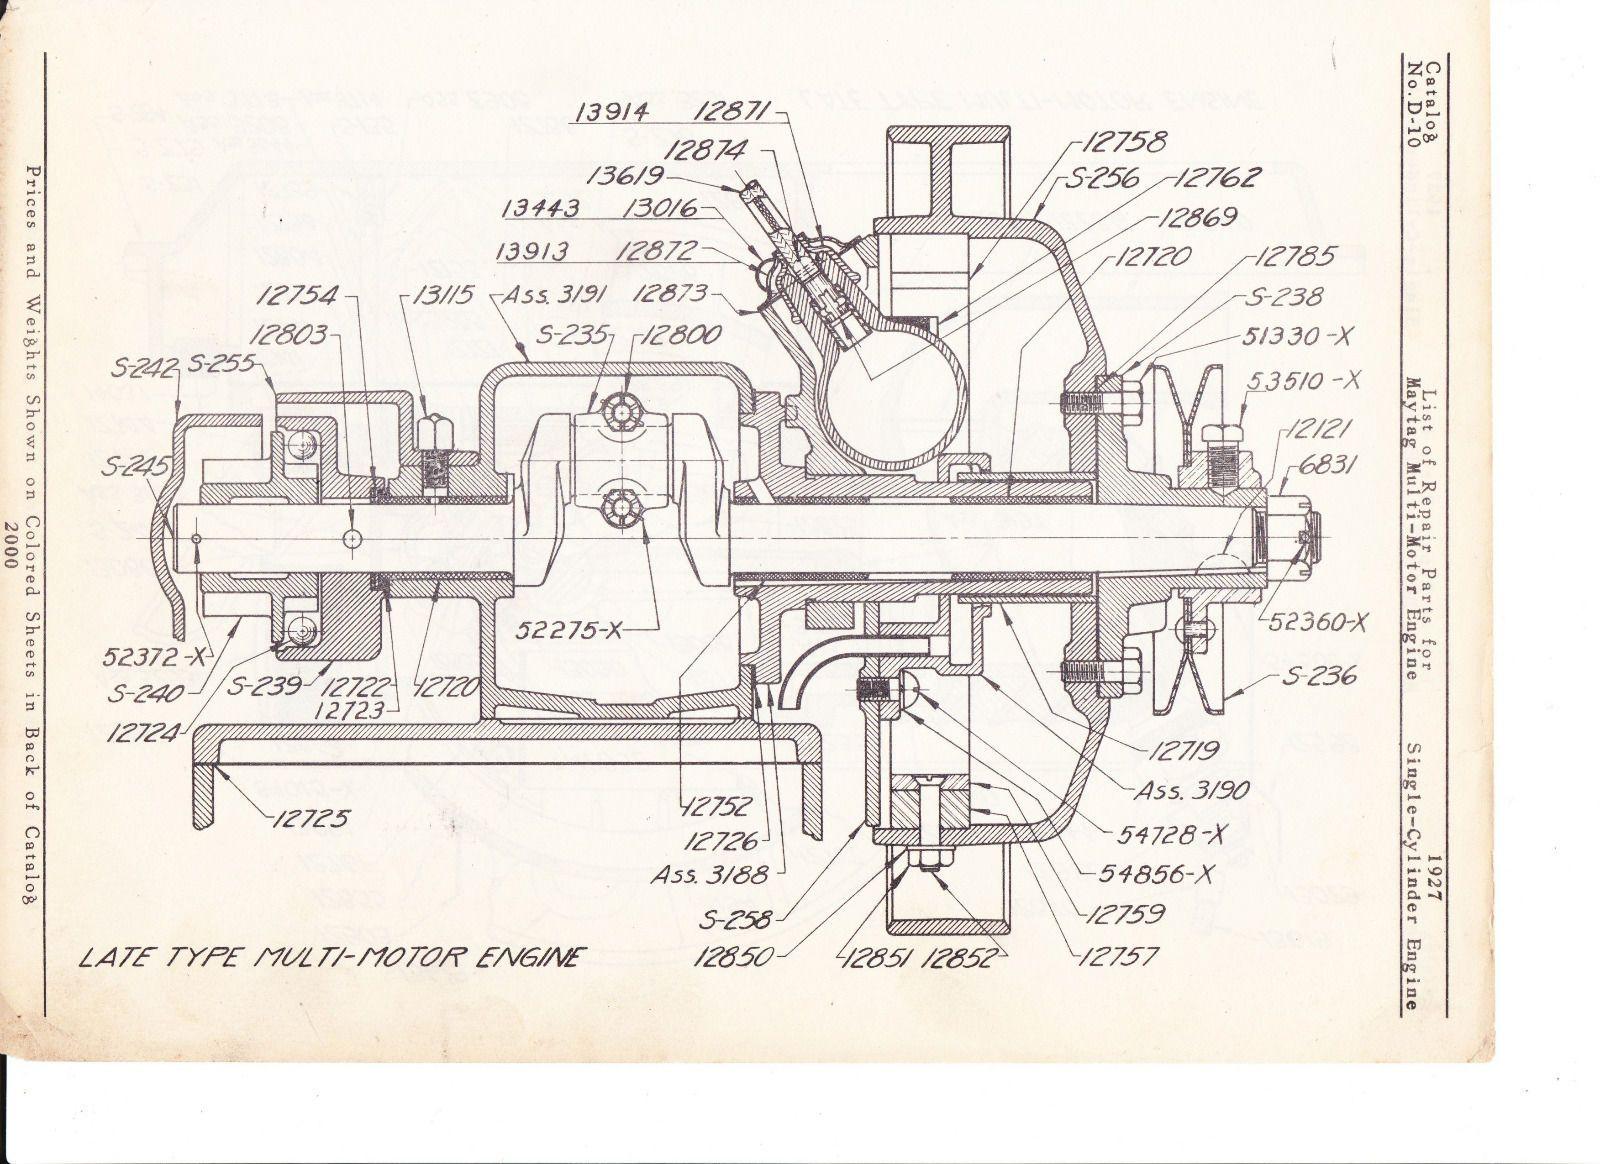 medium resolution of maytag gas motor diagram of 1927 model 92 hit miss ebay